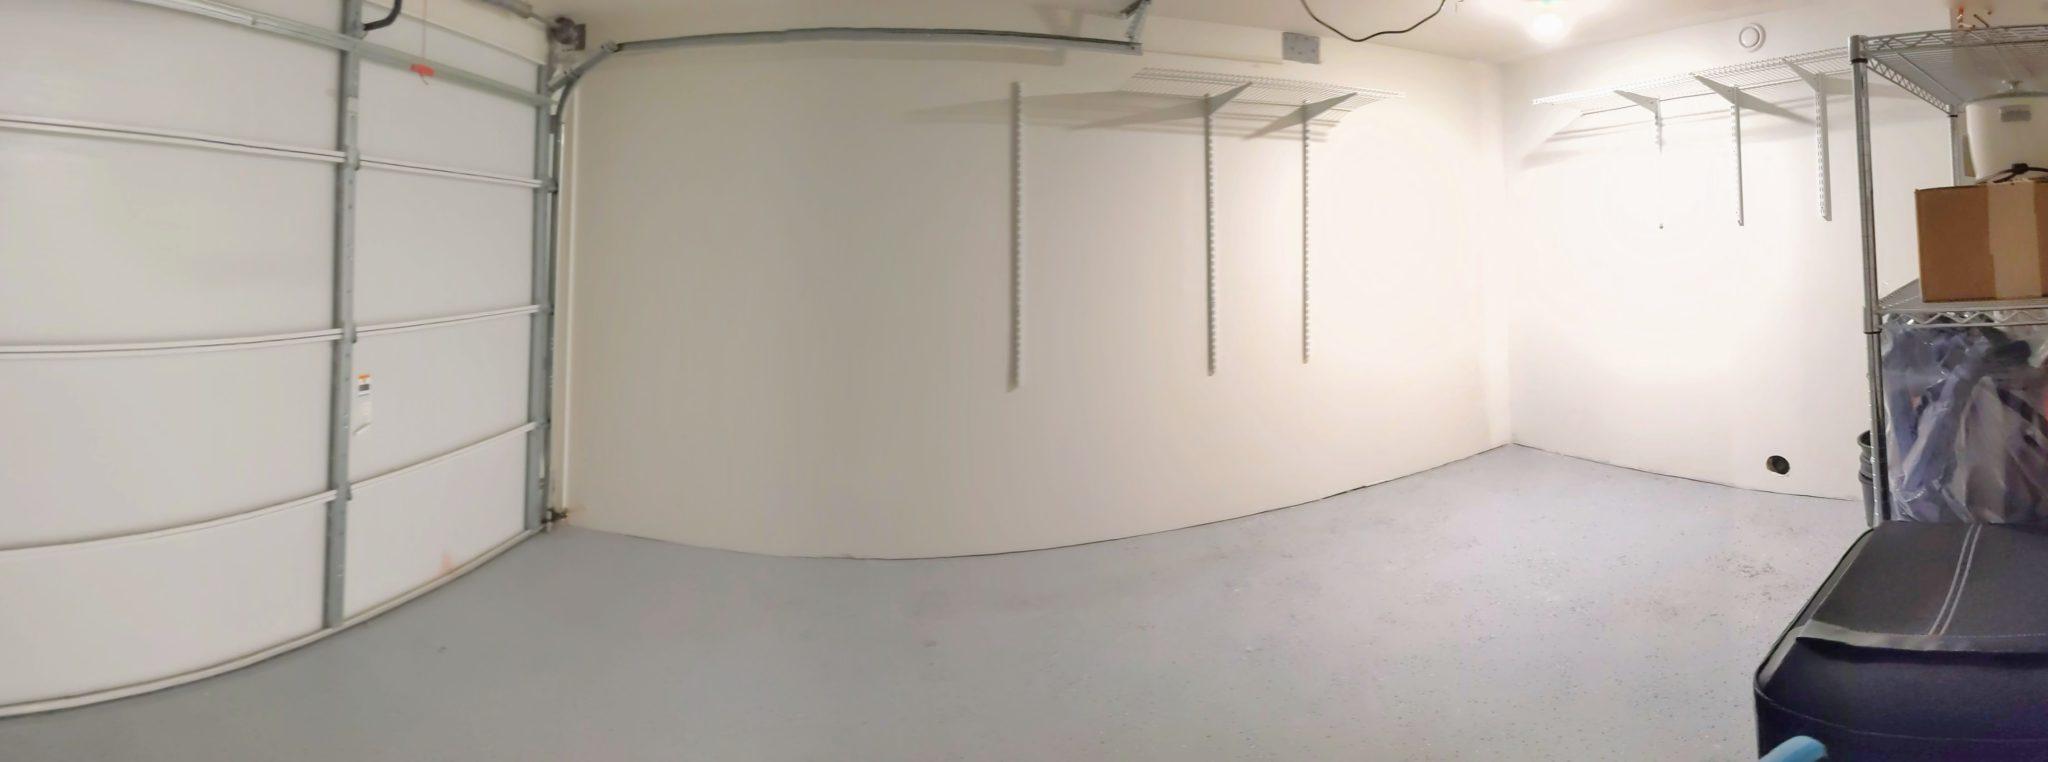 Convenient Garage Storage Space